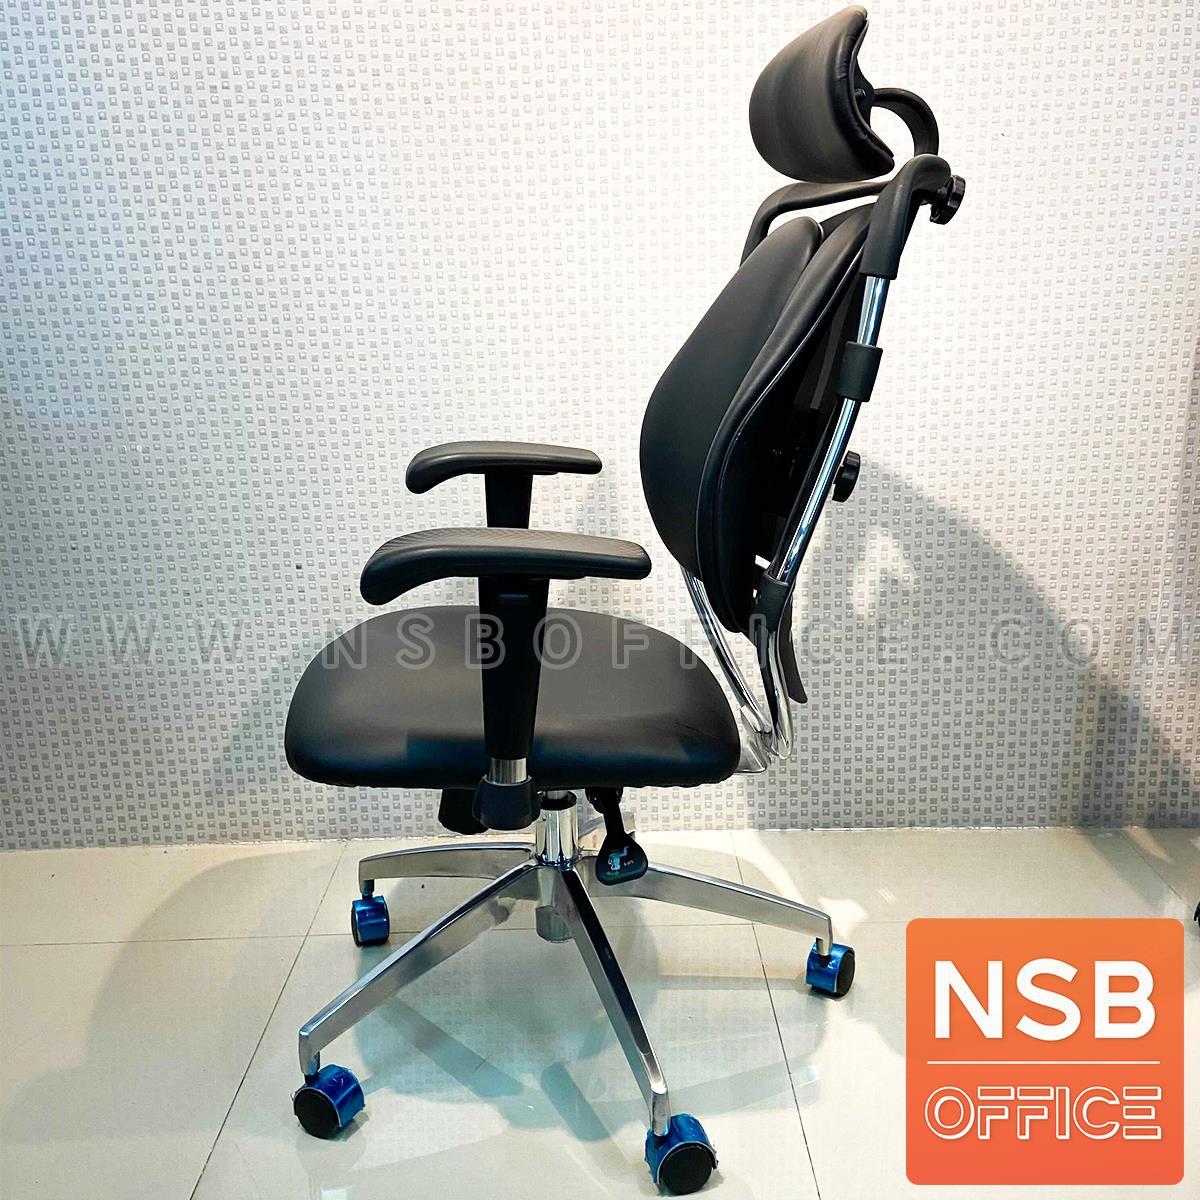 เก้าอี้ผู้บริหารเพื่อสุขภาพ รุ่น Wilona (วิลโอนา) หนังแท้ ขาอลูมิเนียม